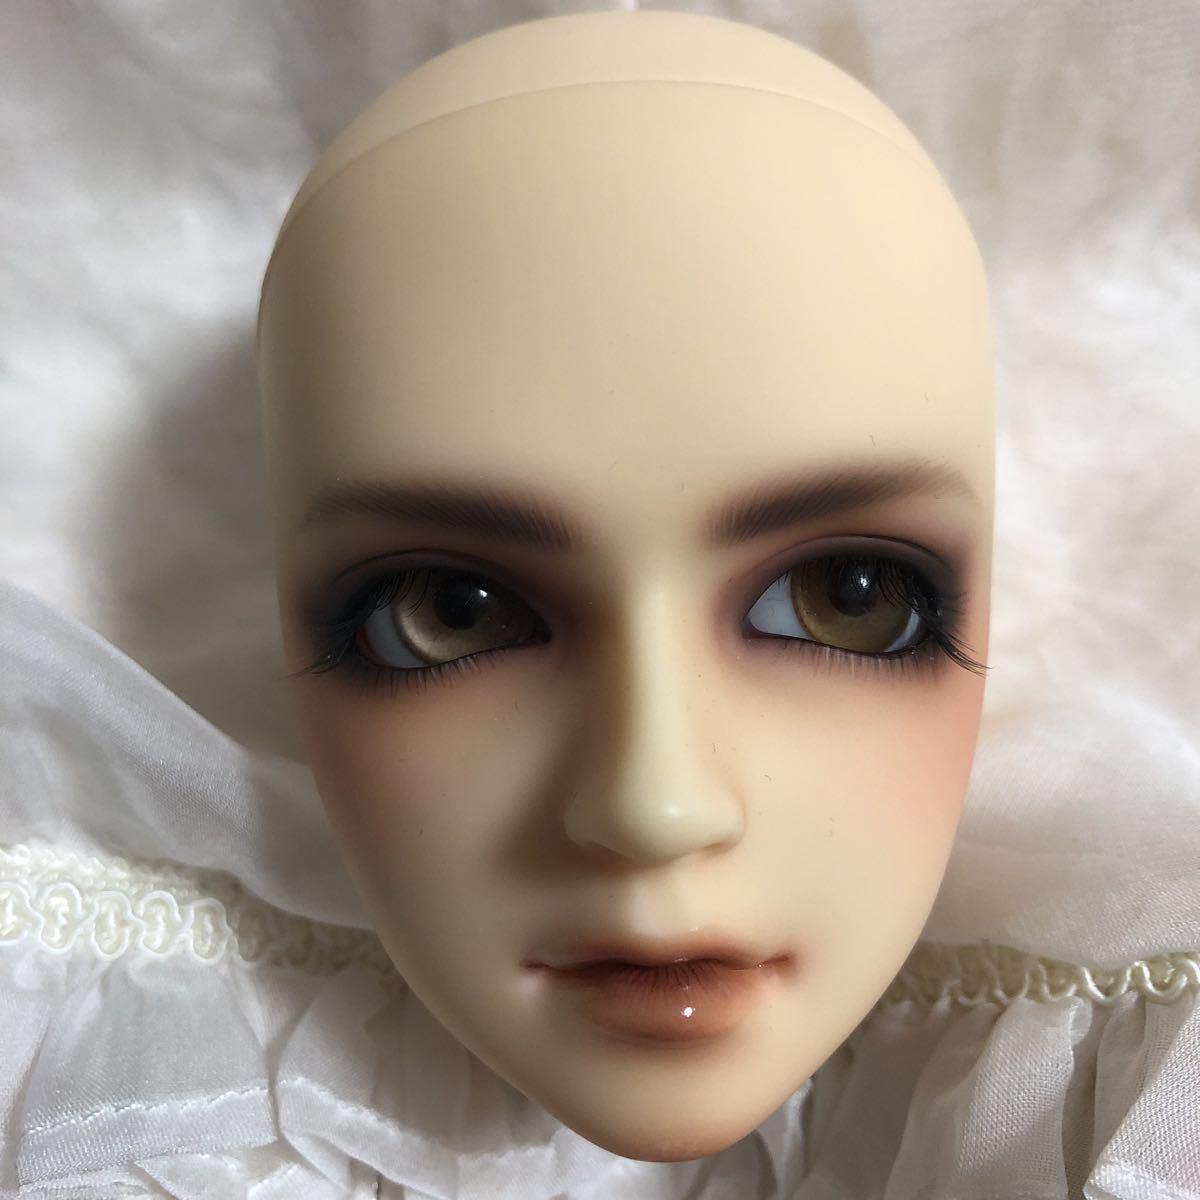 ボークス [SDgr 男の子 慧 kei] ヘッド デフォルトメイク&アイ ヘッドプレート有り_画像3